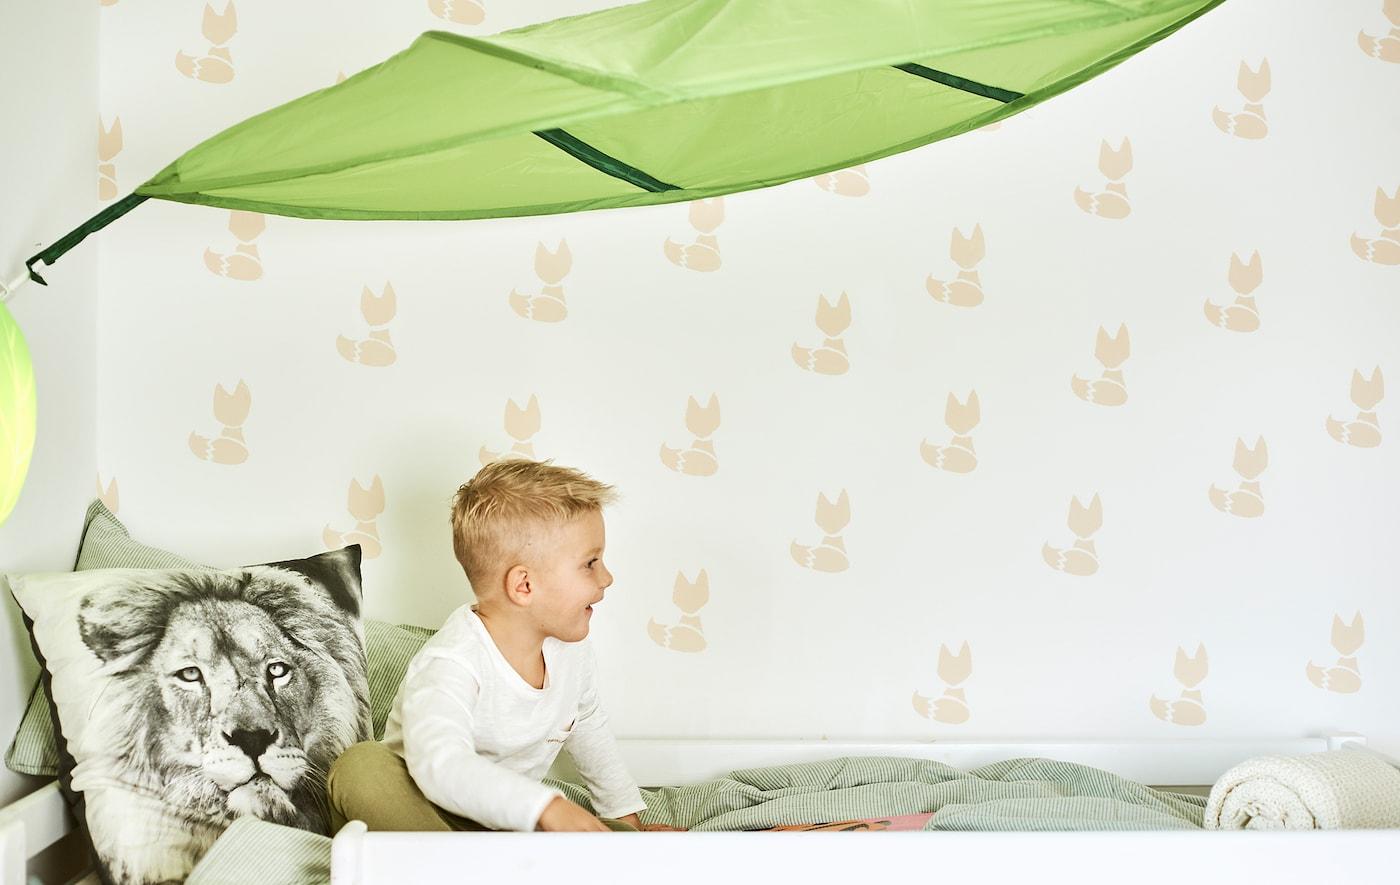 Дитина сидить на ліжку із зеленою ковдрою та подушкою з надрукованим зображенням лева, над ліжком — зелений балдахін у формі листка.